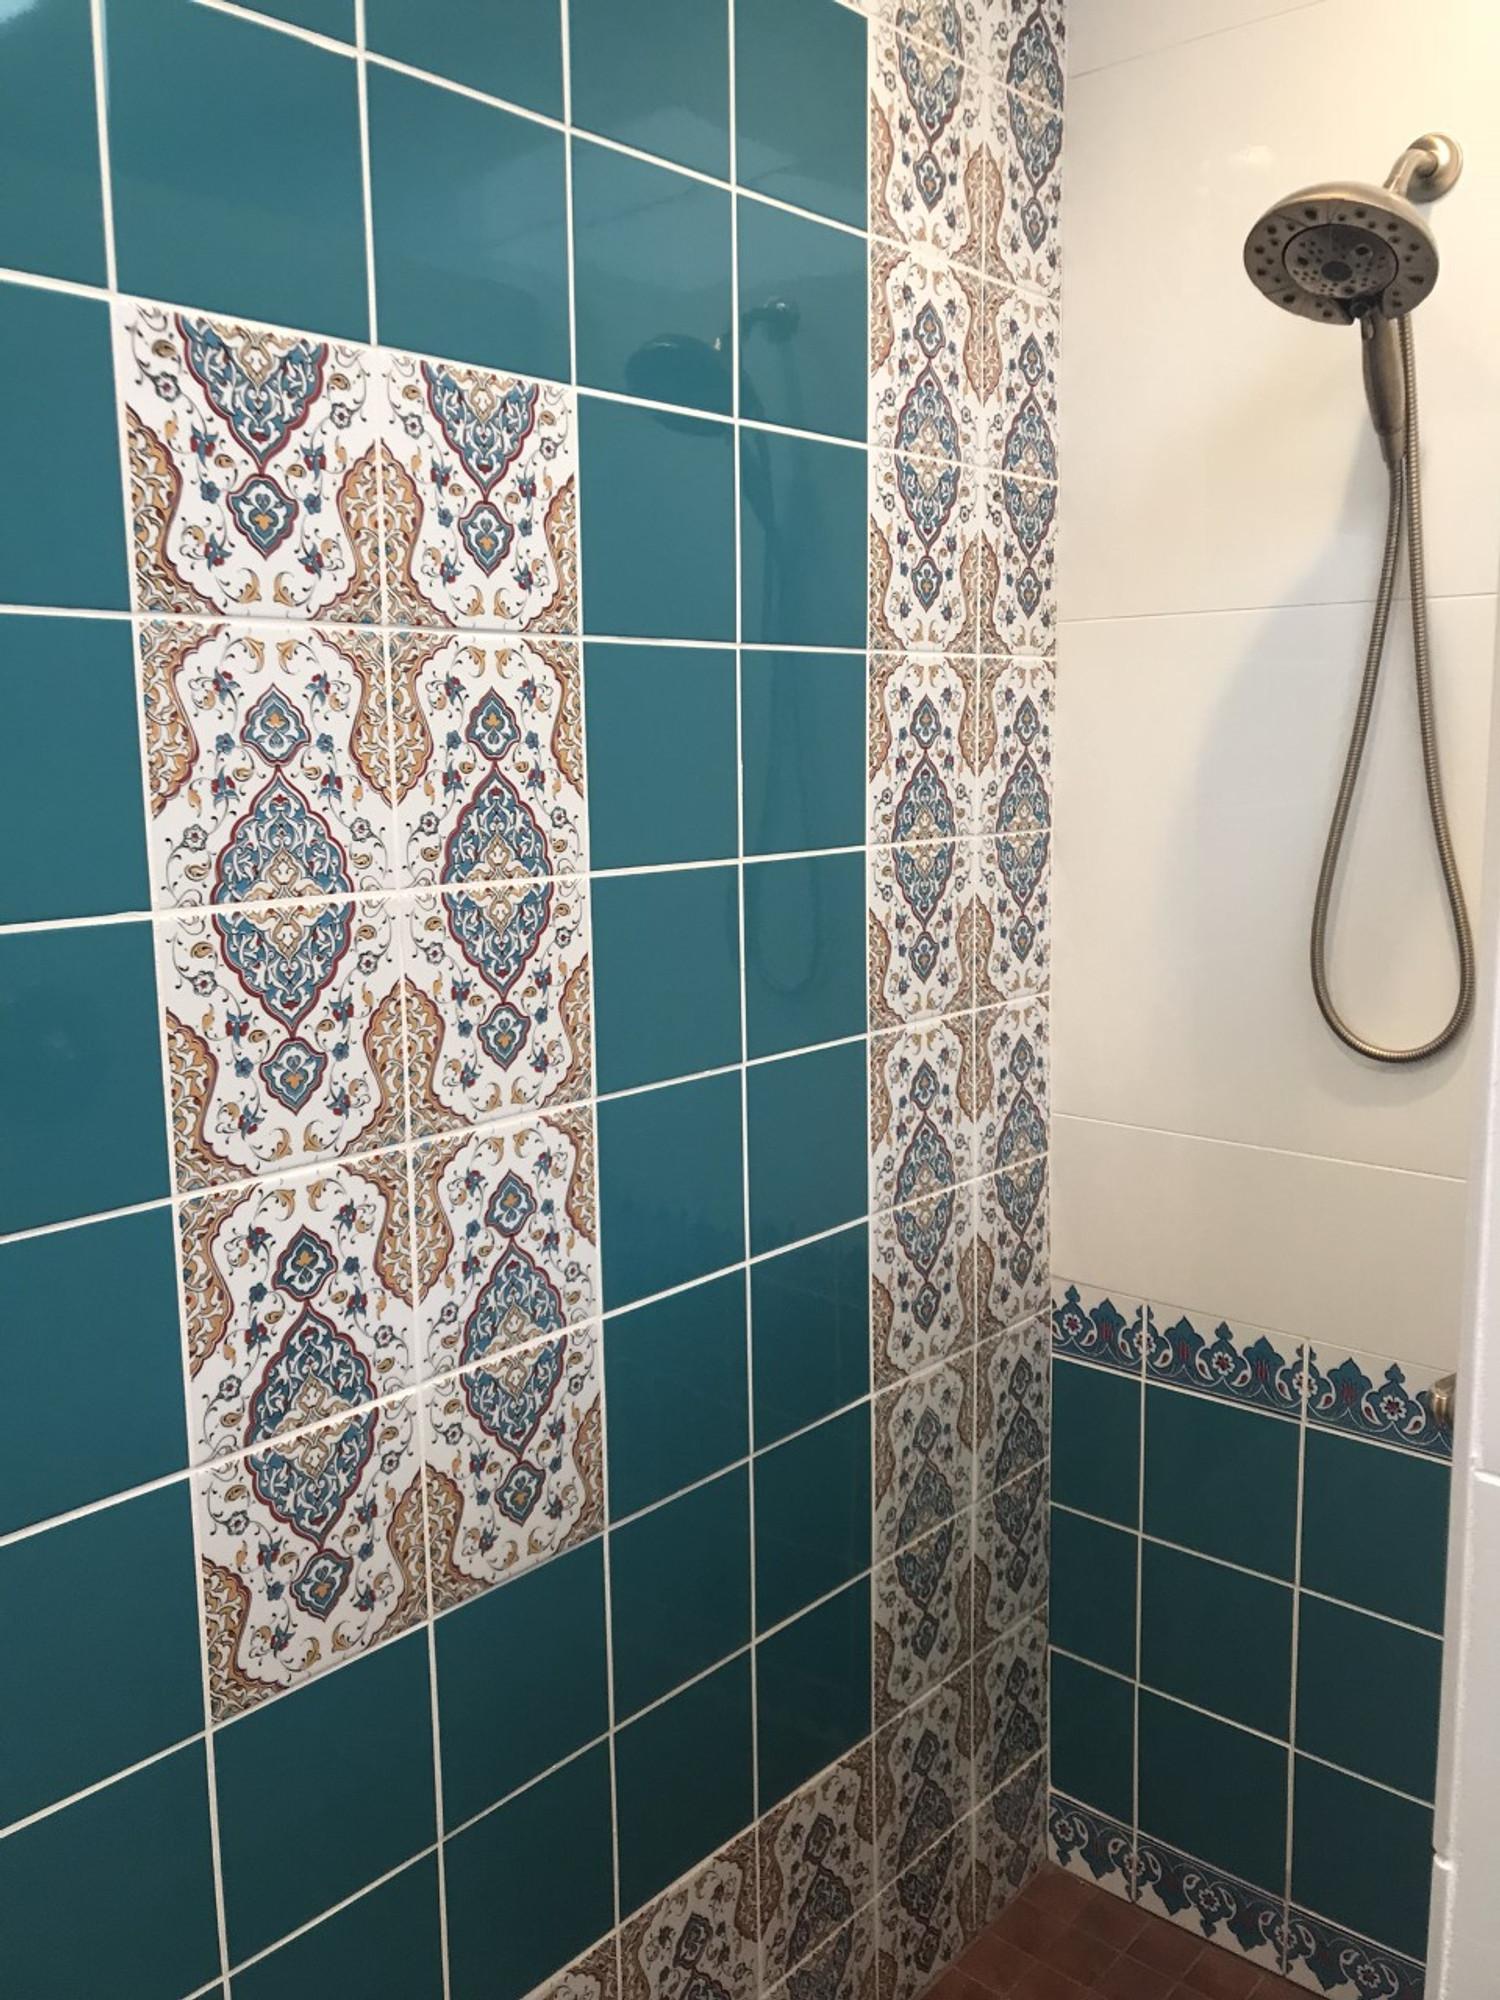 - Turkish Wall Tile Backsplash Ideas